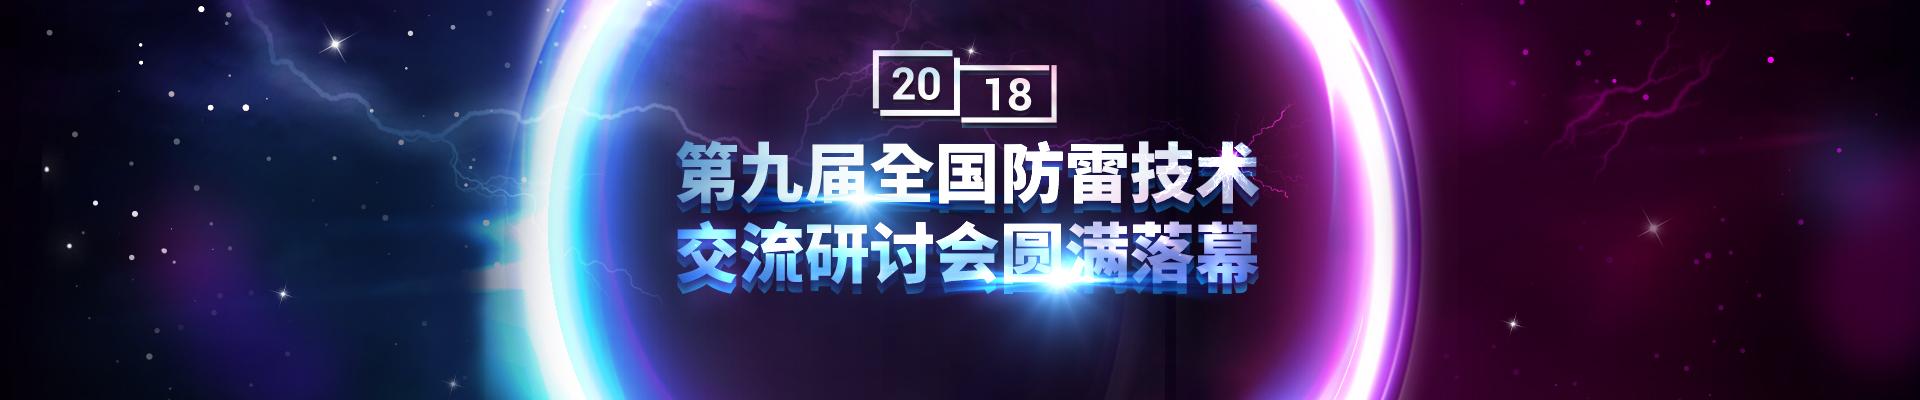 2018年第九届全国防雷技术交流研讨会圆满落幕